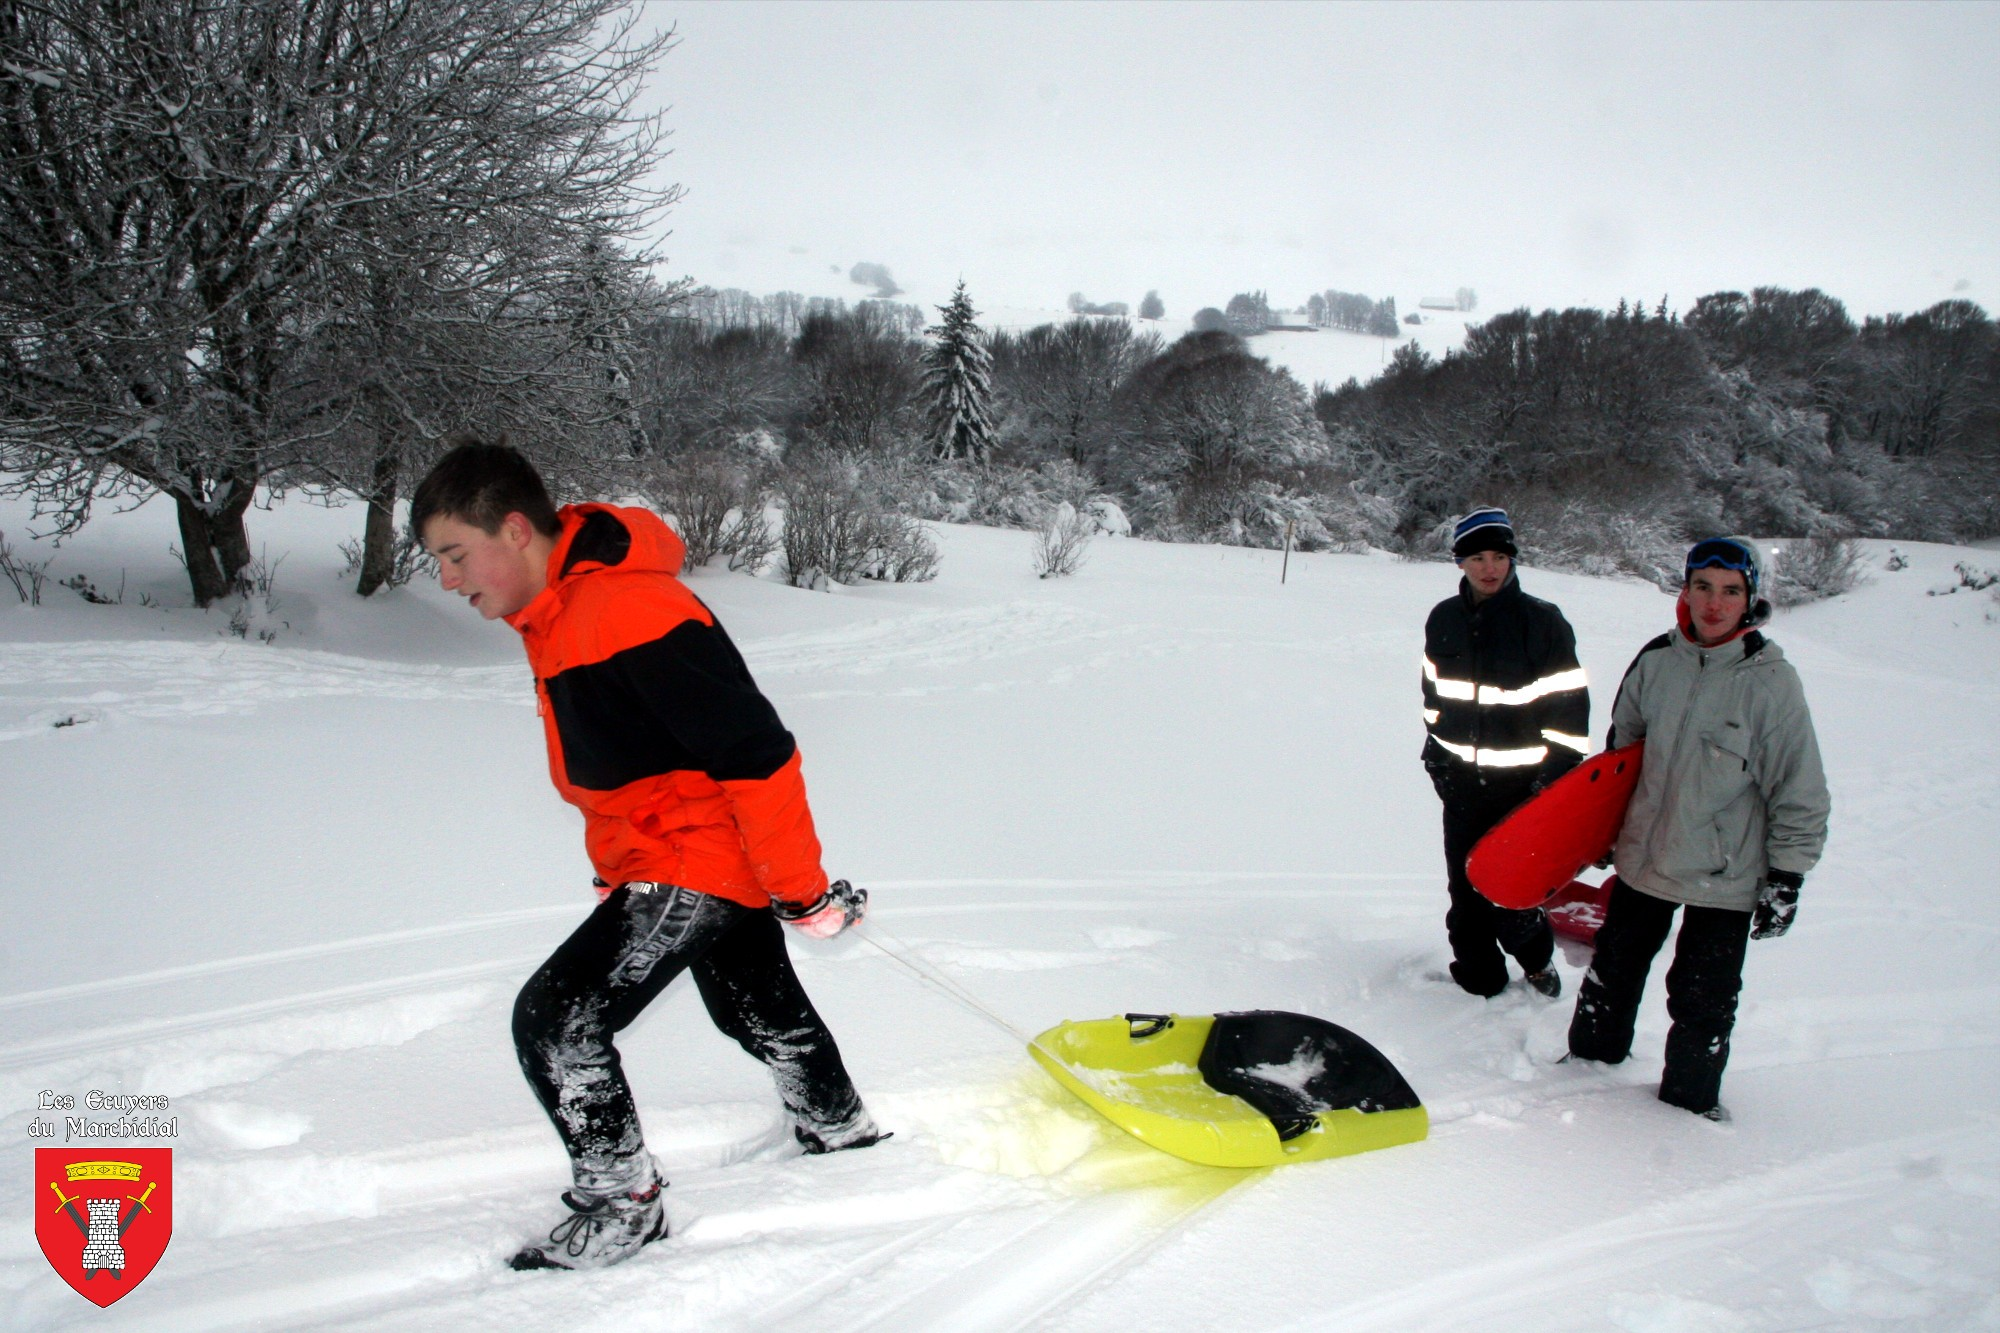 2021-01-03_Sortie_neige-09-marchidial.fr_